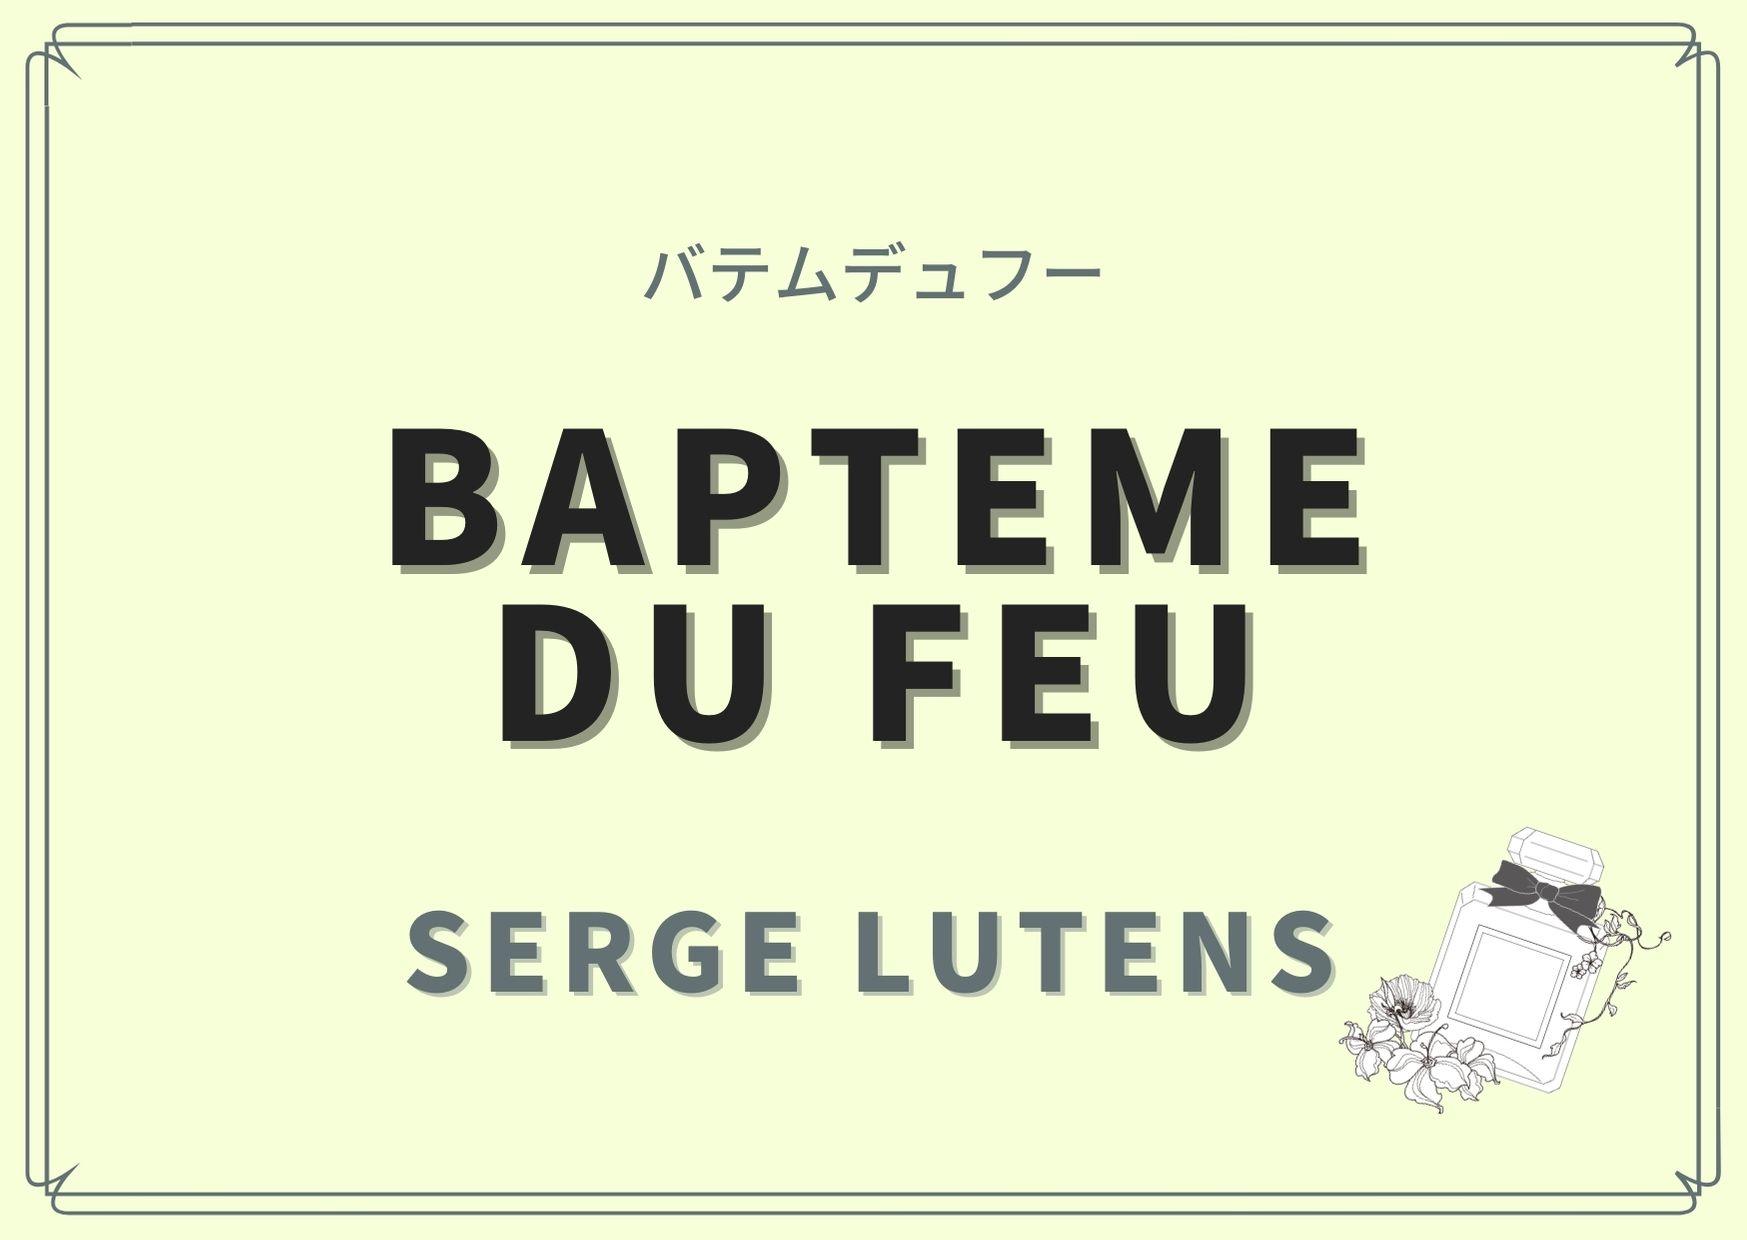 Bapteme du feu(バテムデュフー)/SERGE LUTENS(セルジュ ルタンス)